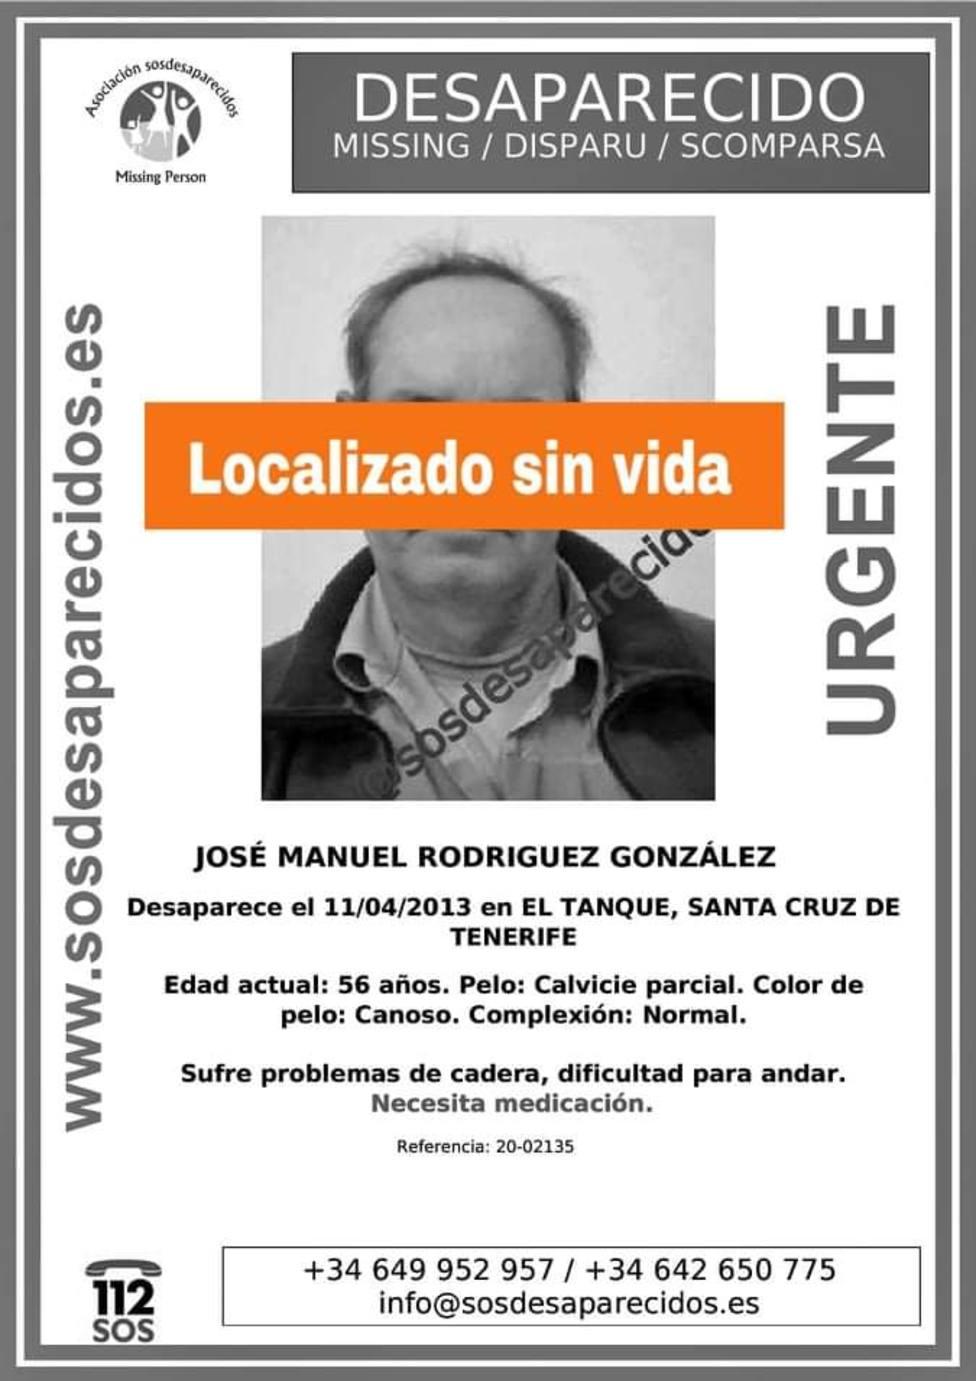 El desaparecido tenía 49 años y era vecino de El Tanque